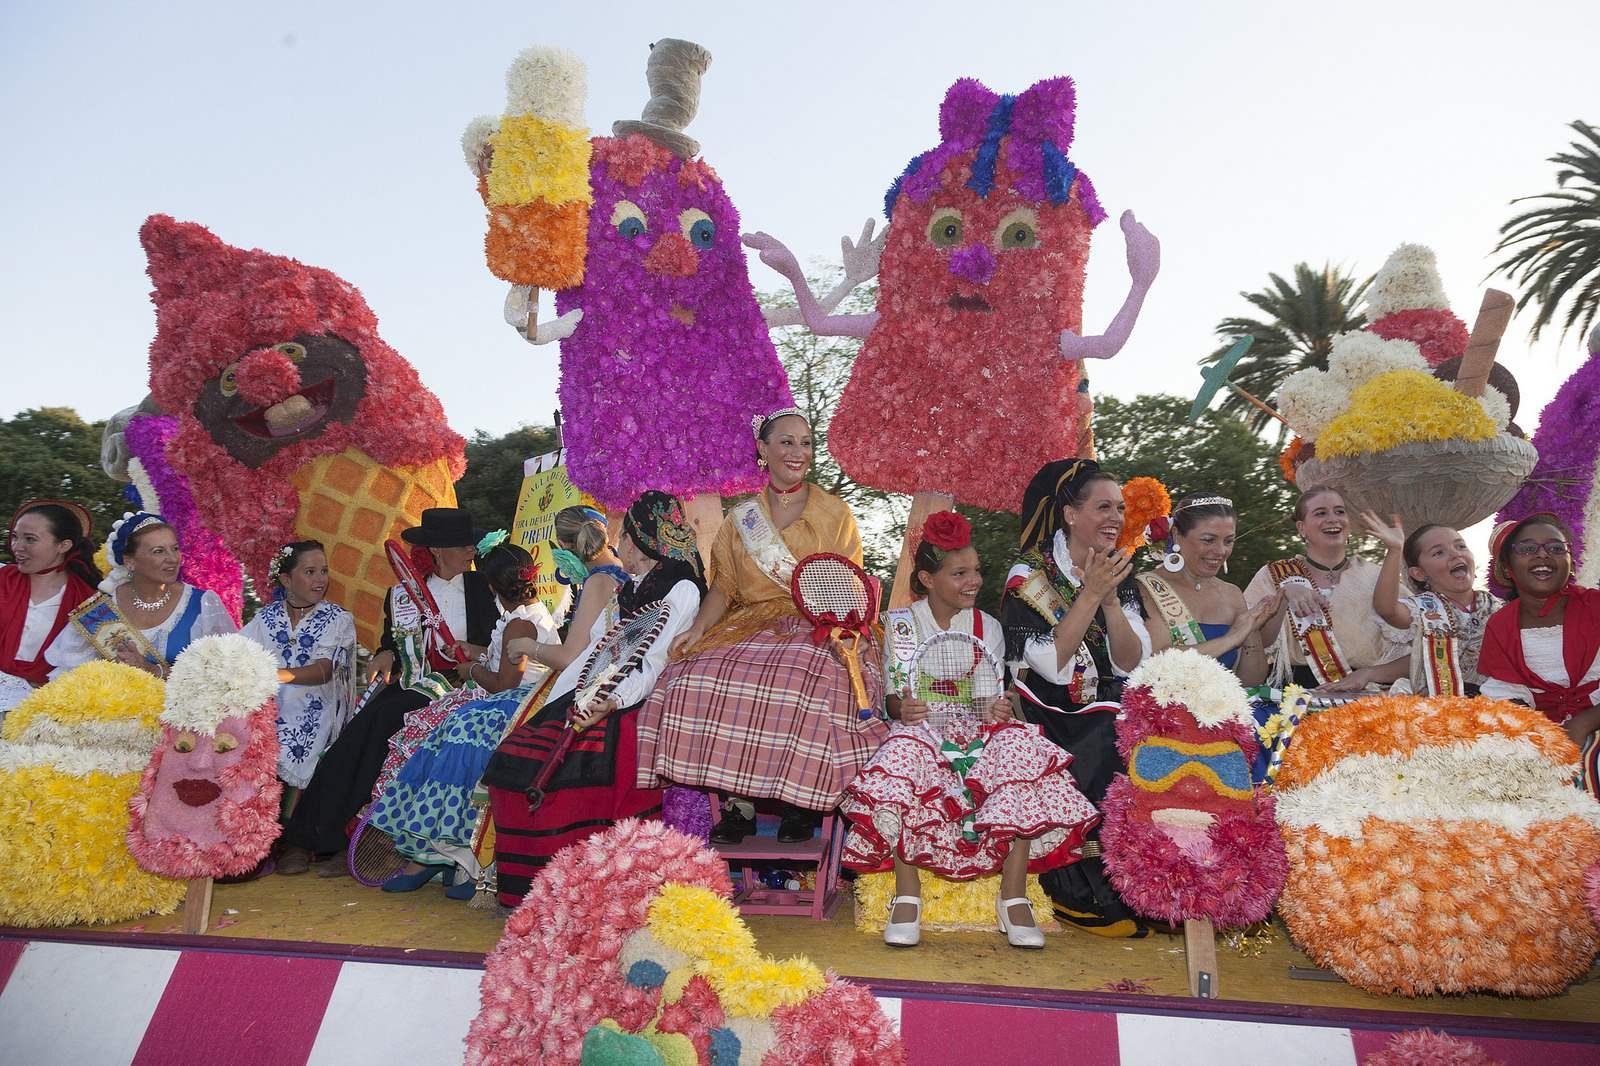 battle of flowers8 Battle of Flowers   Legendary Fiesta in Valencia